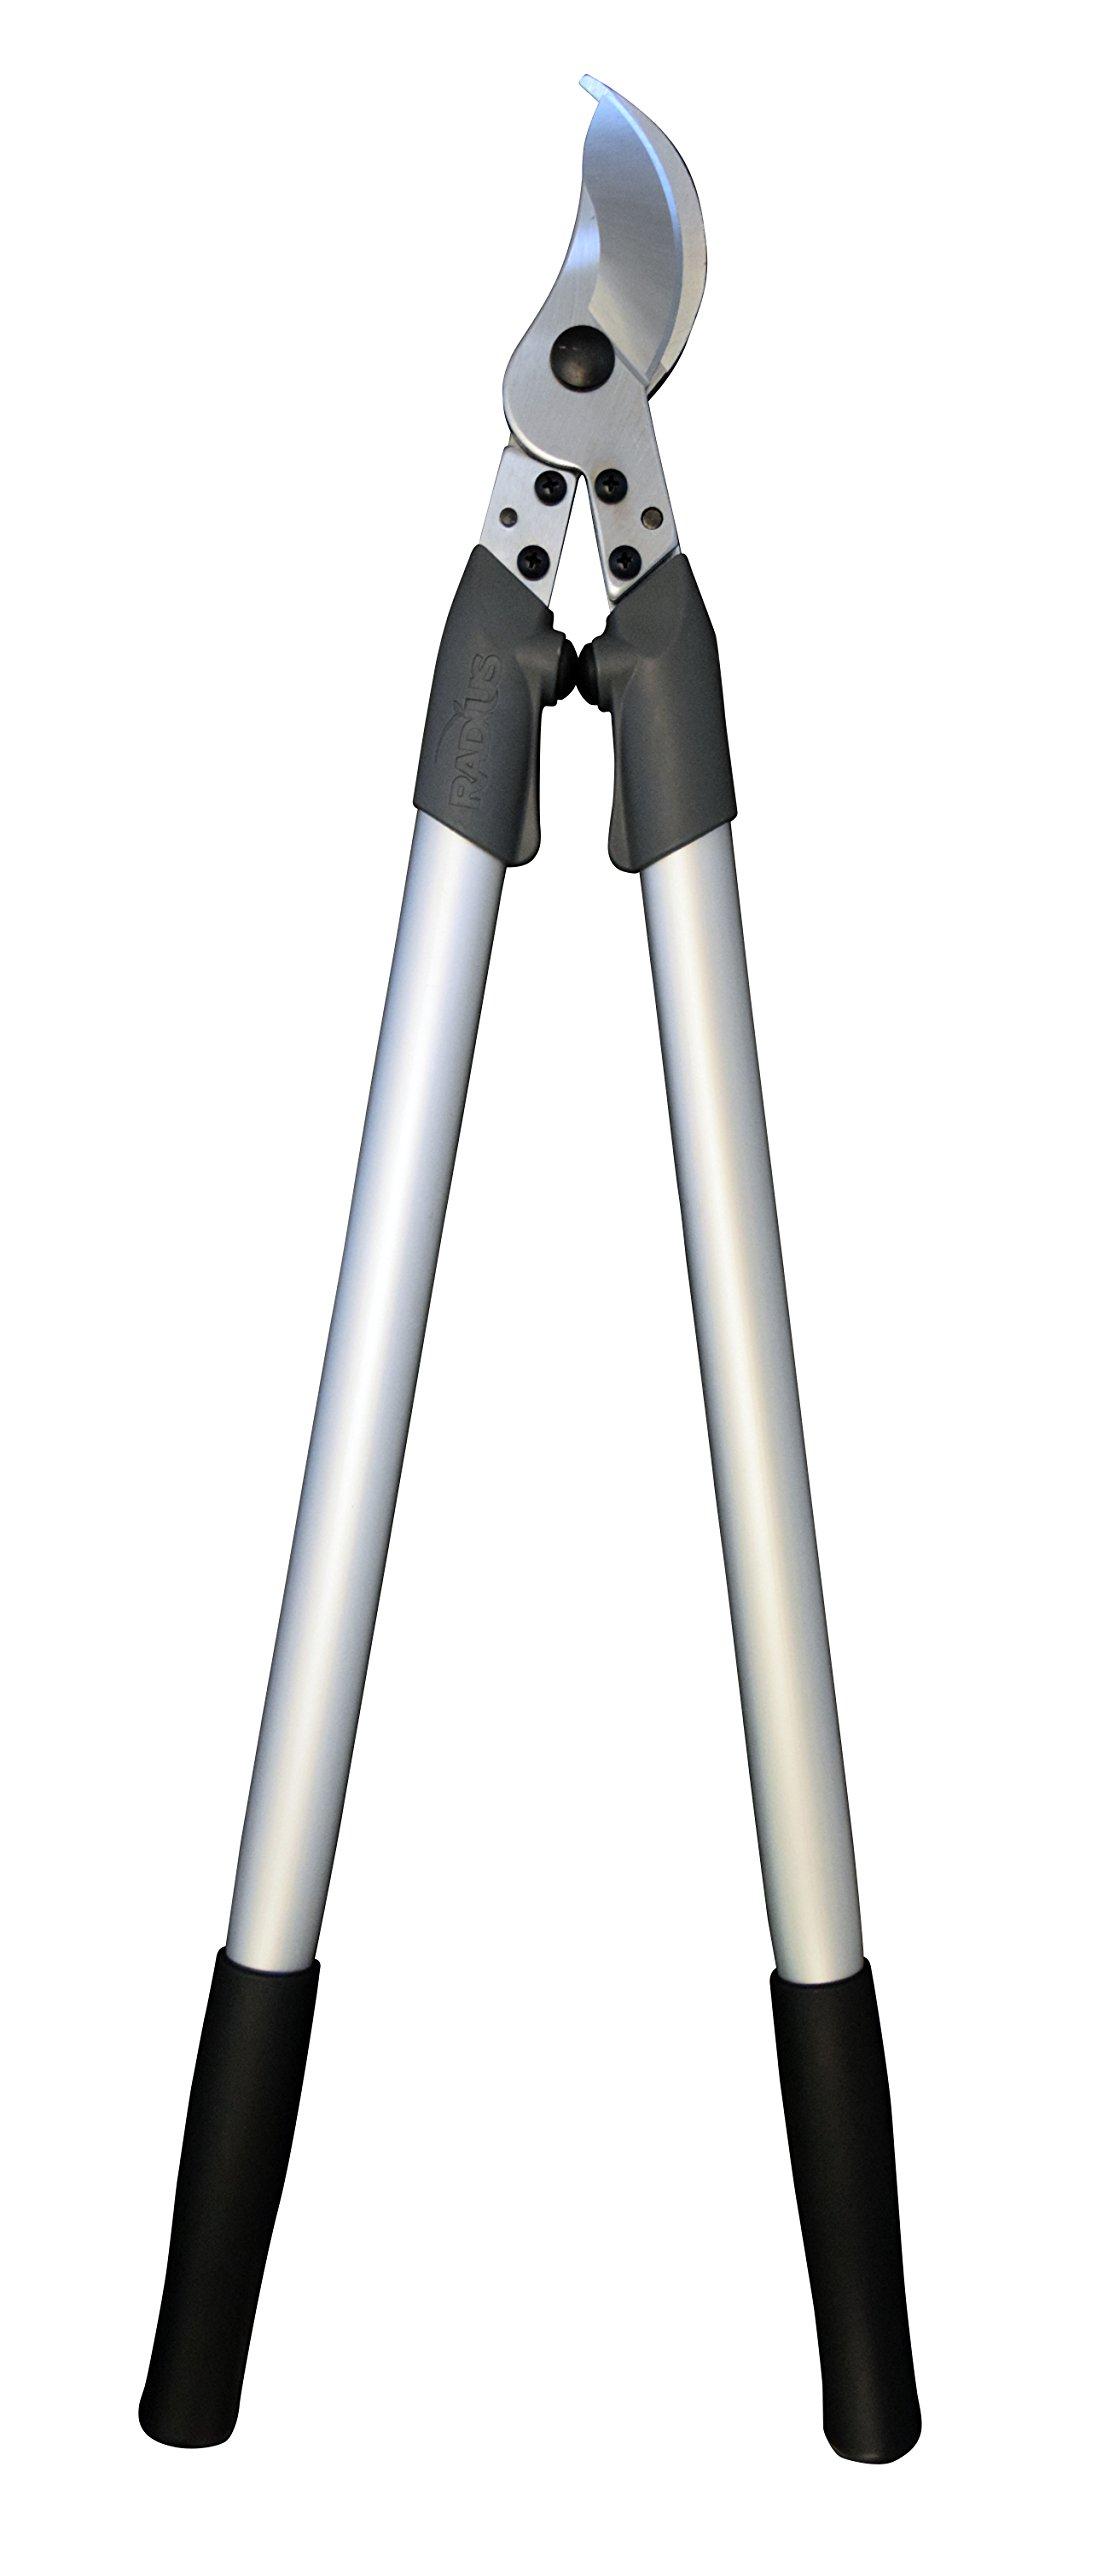 Radius Garden 55408 PRO Extended Length, Slate